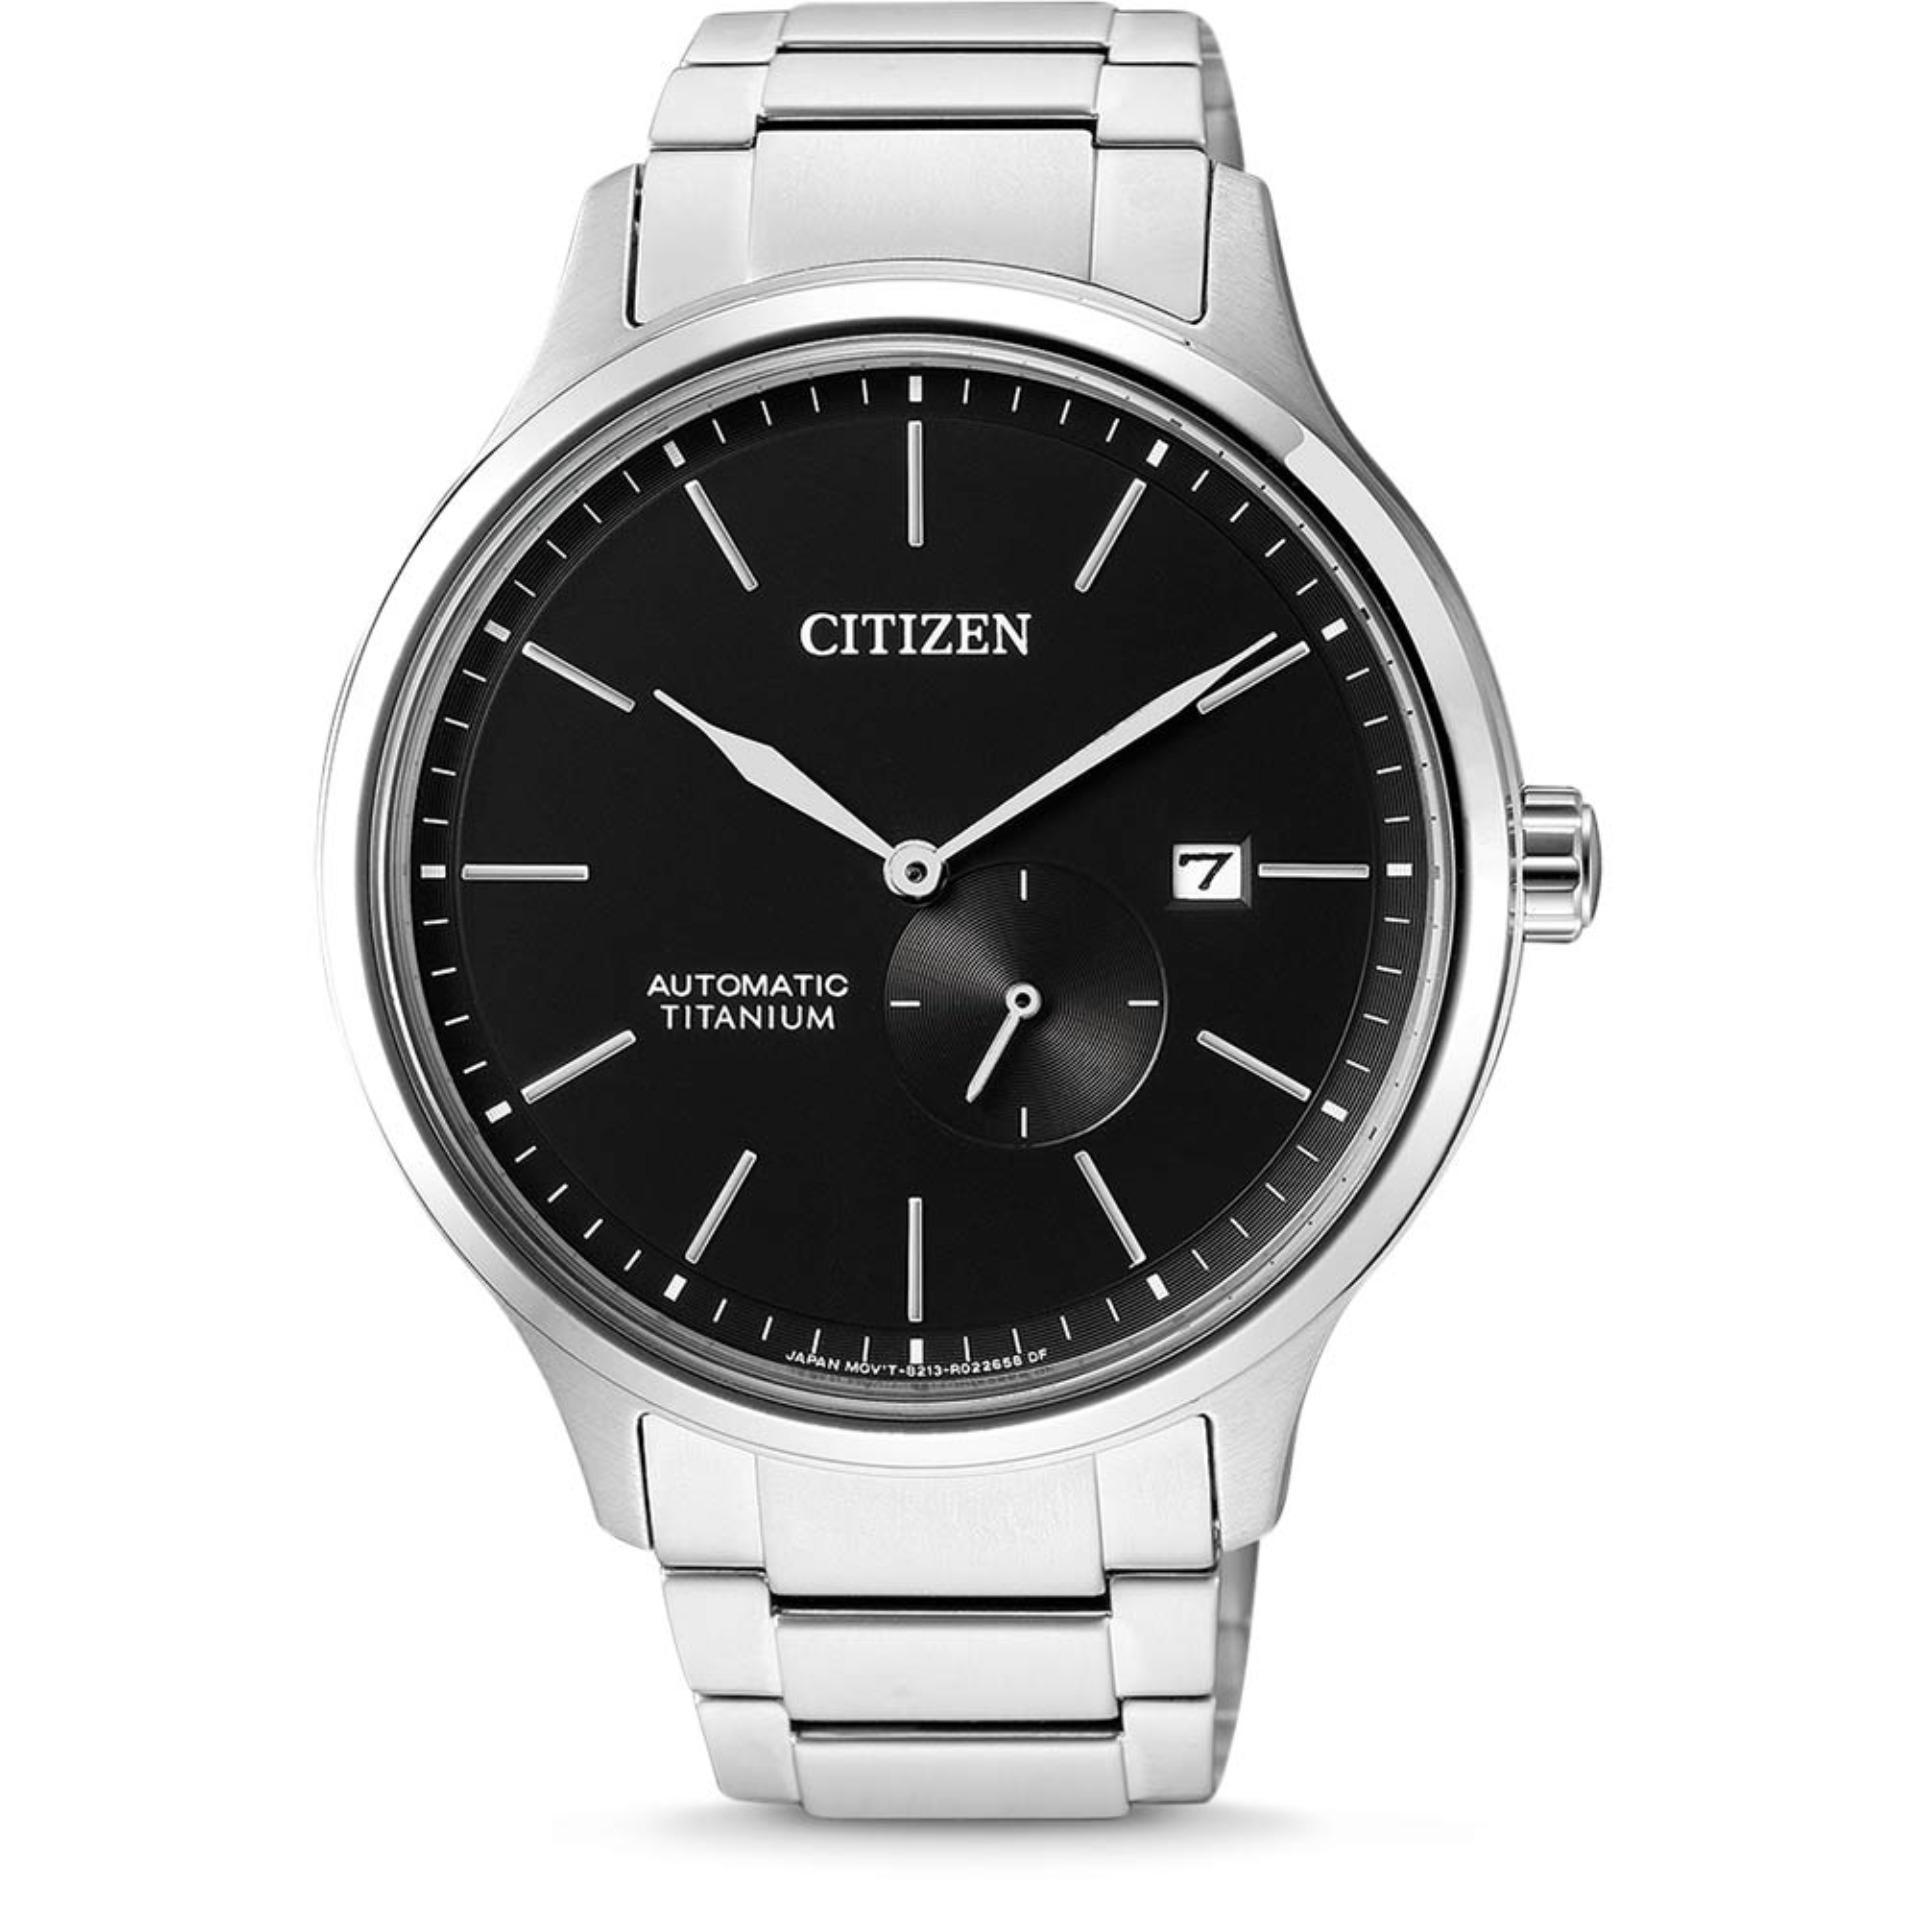 Citizen Automatic Titanium Watch with Titanium Bracelet NJ0090-81E